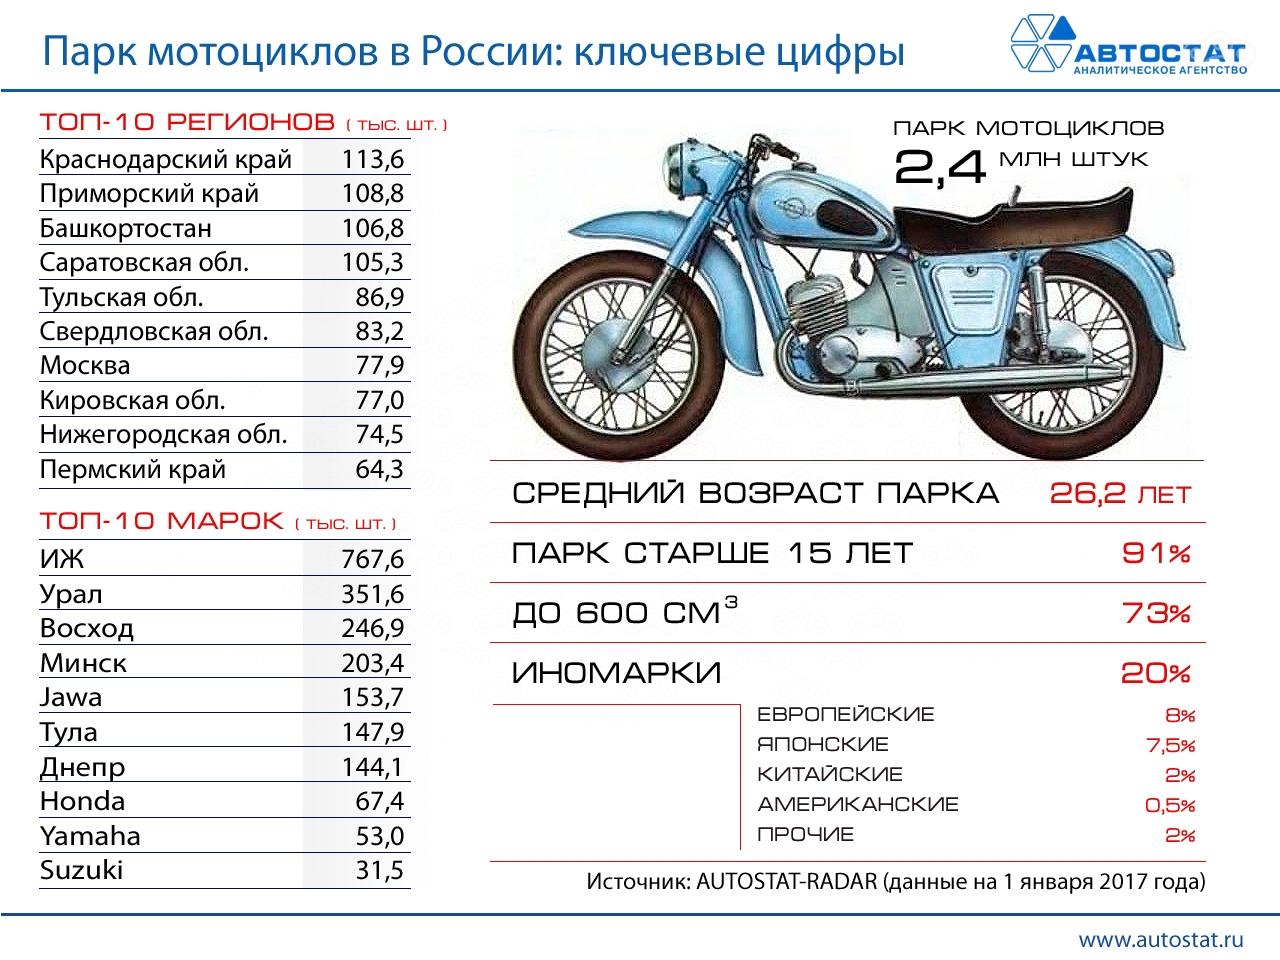 Как проверить историю подержанного мотоцикла